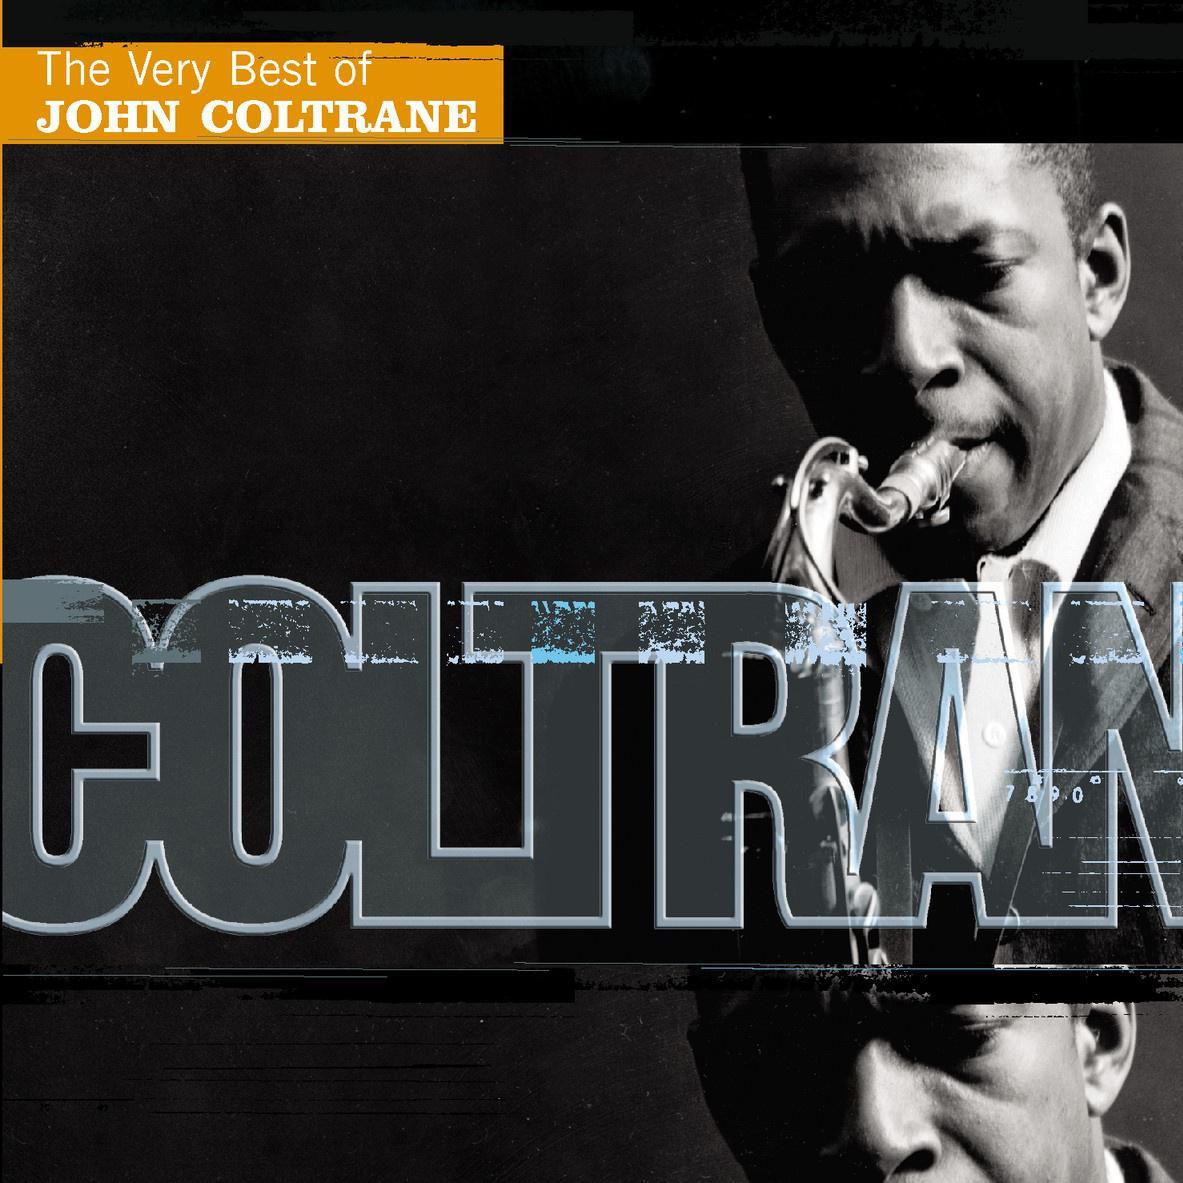 Картинки по запросу very best of john coltrane